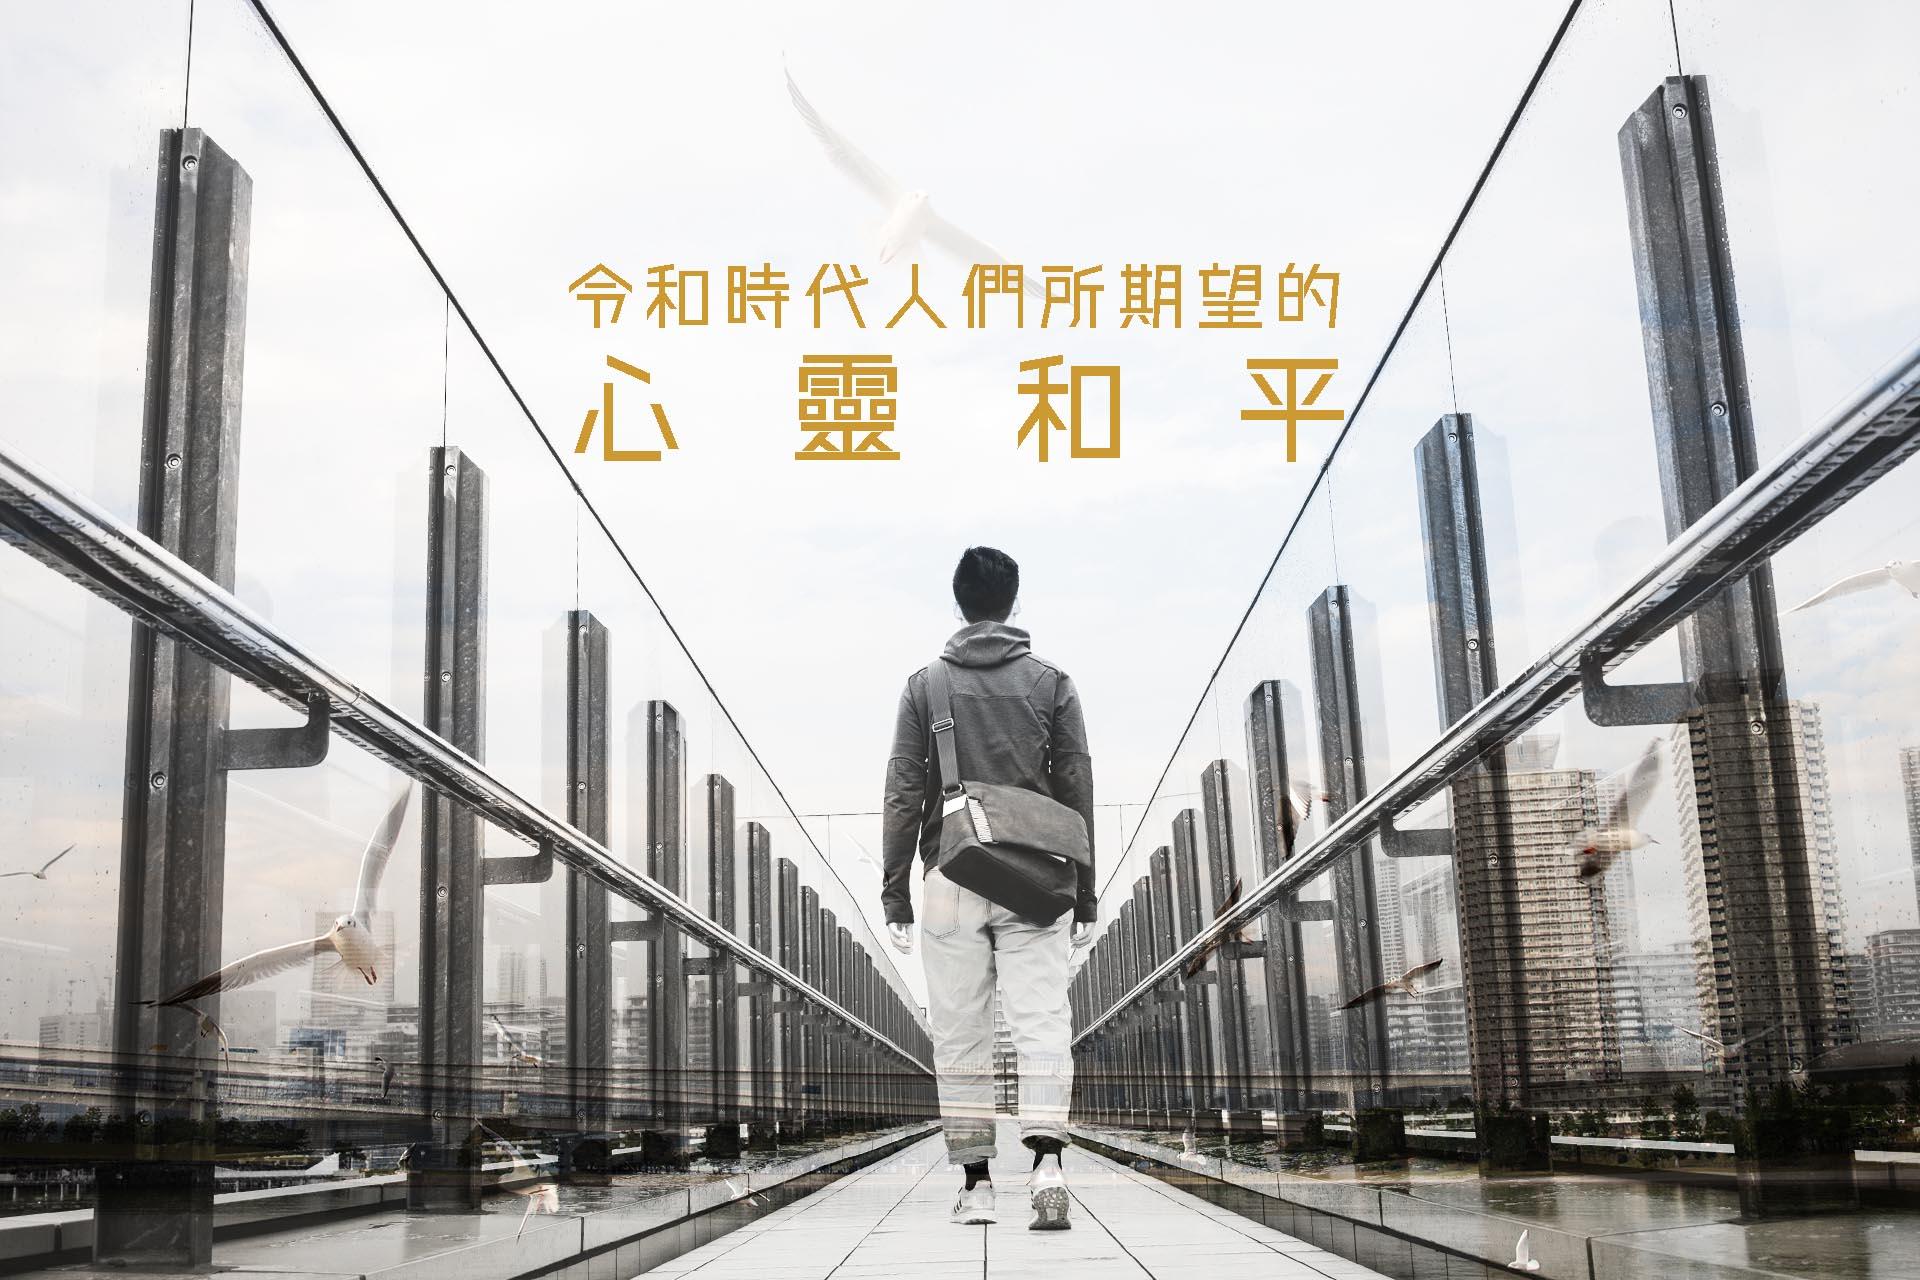 [日本]萬世一系天皇制度:令和時代人們所期望的心靈和平